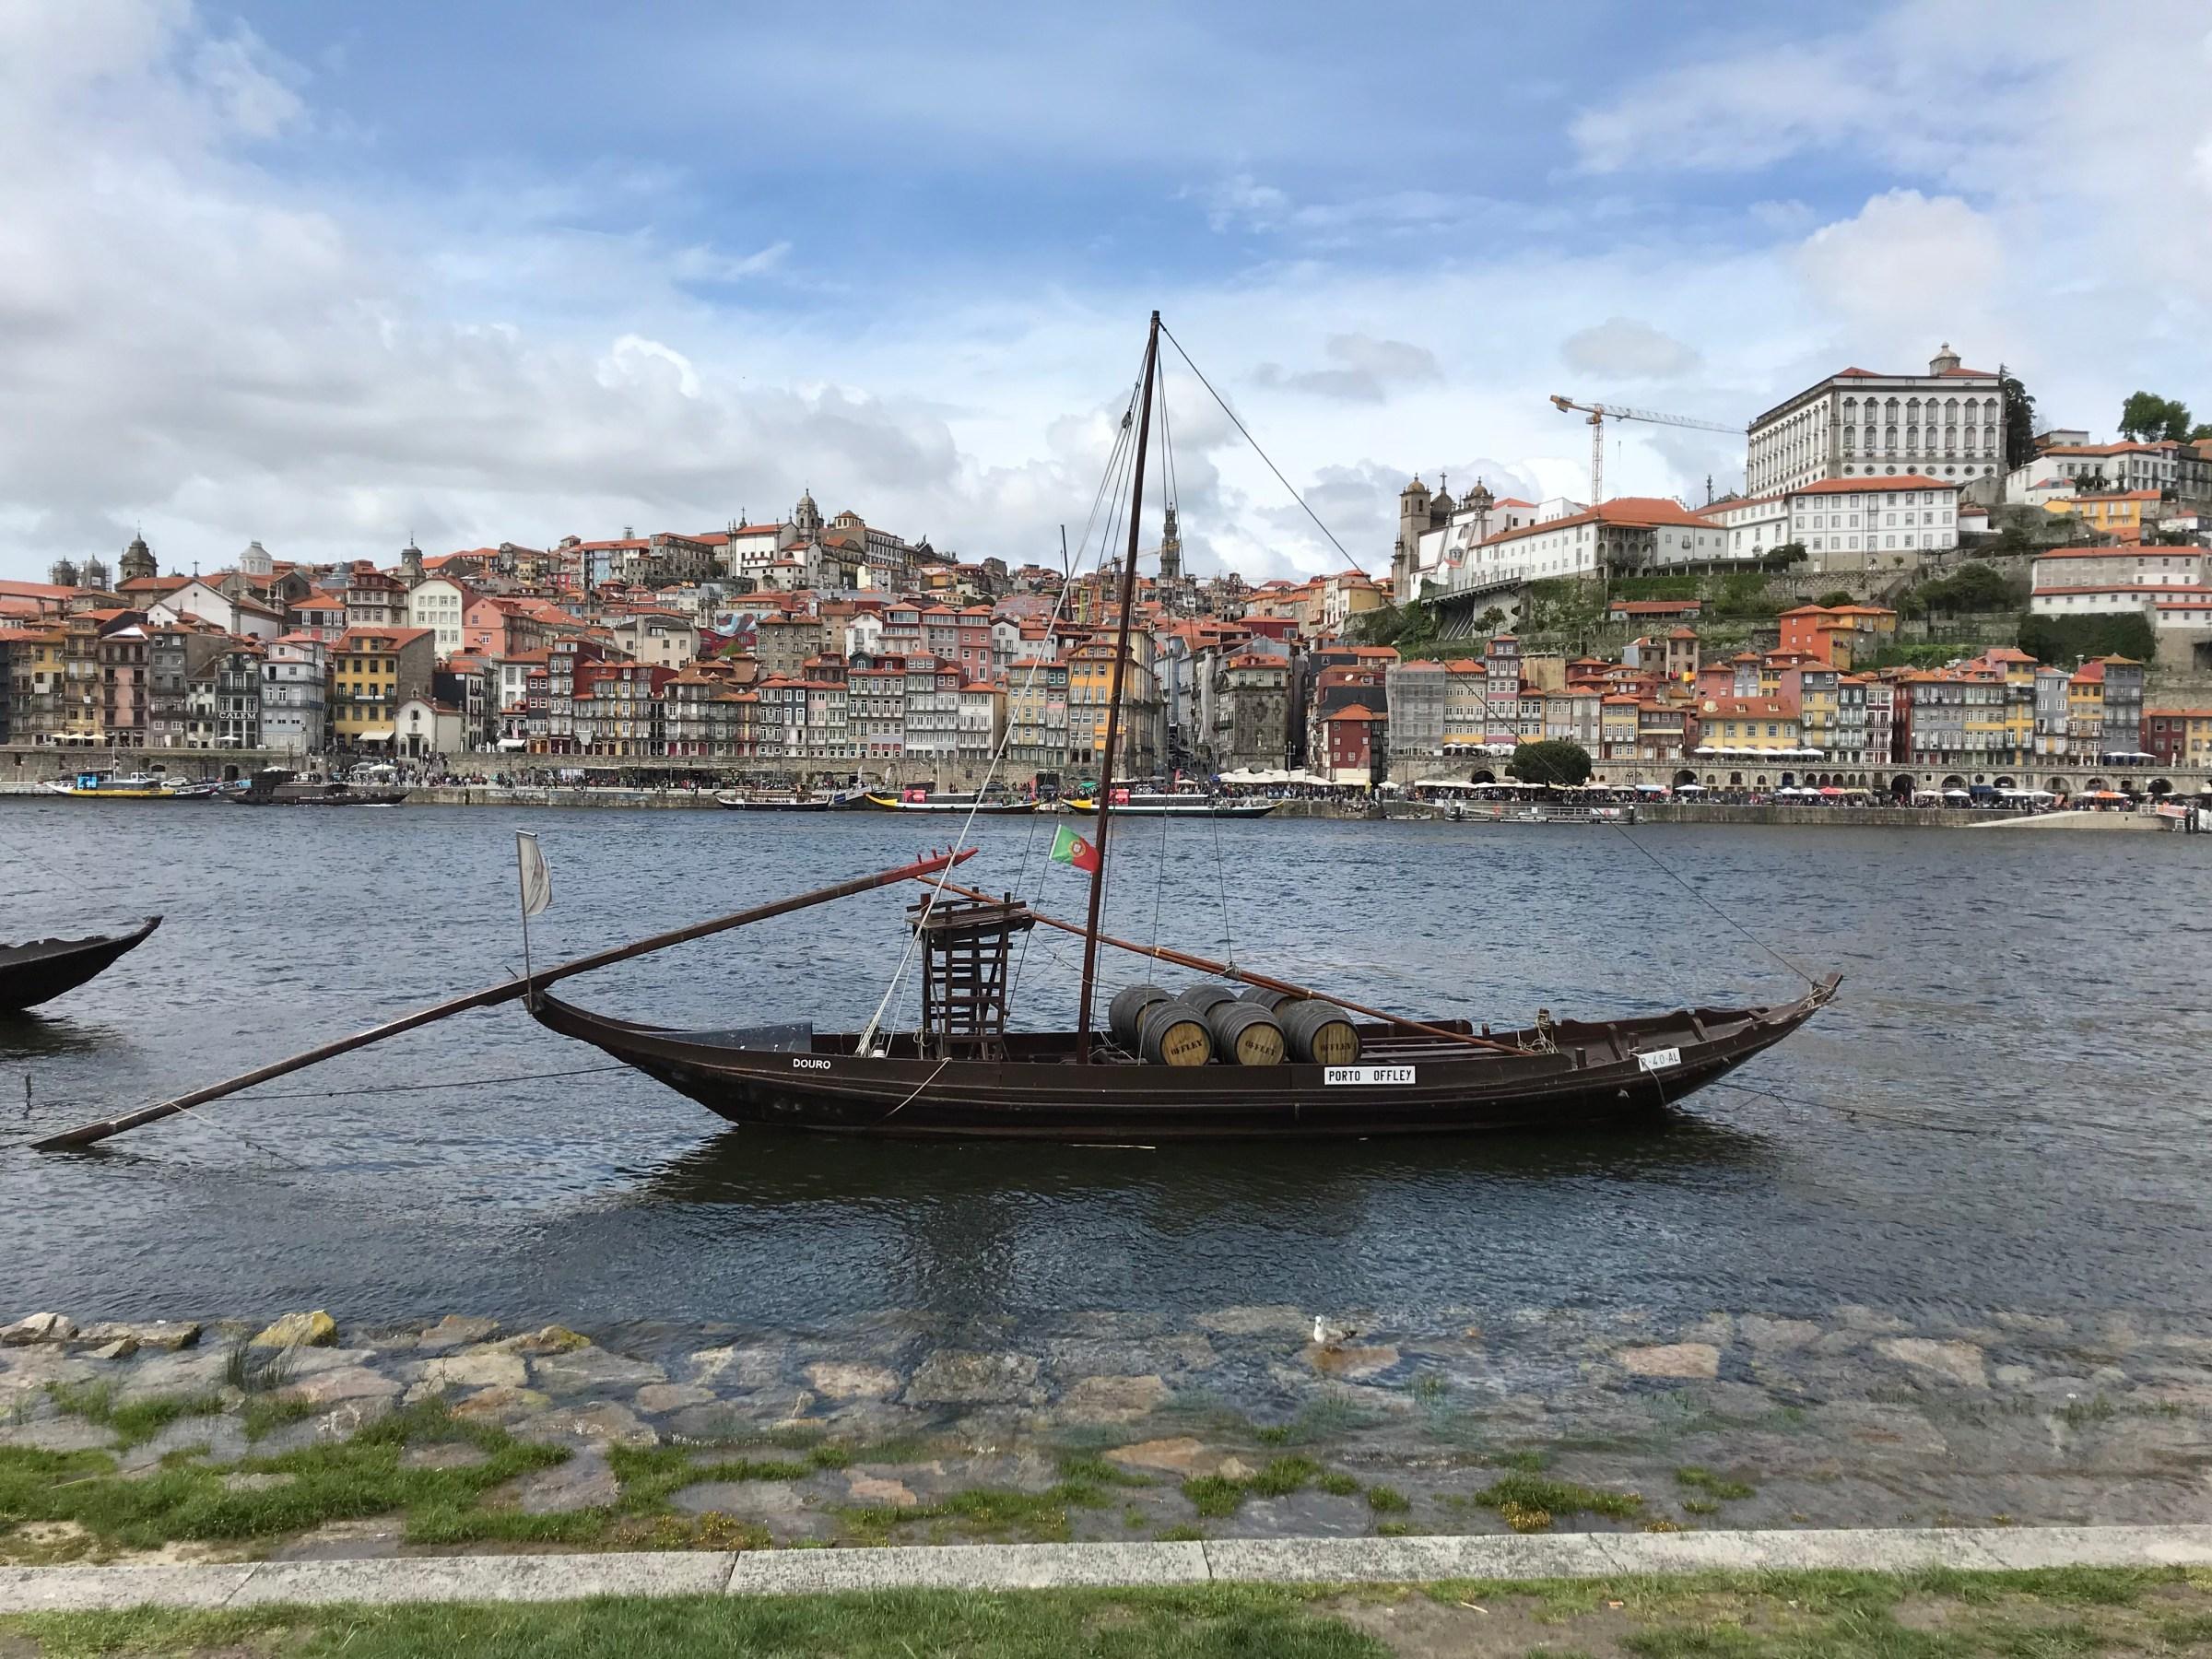 Båt på Dourofloden, Gyllintours